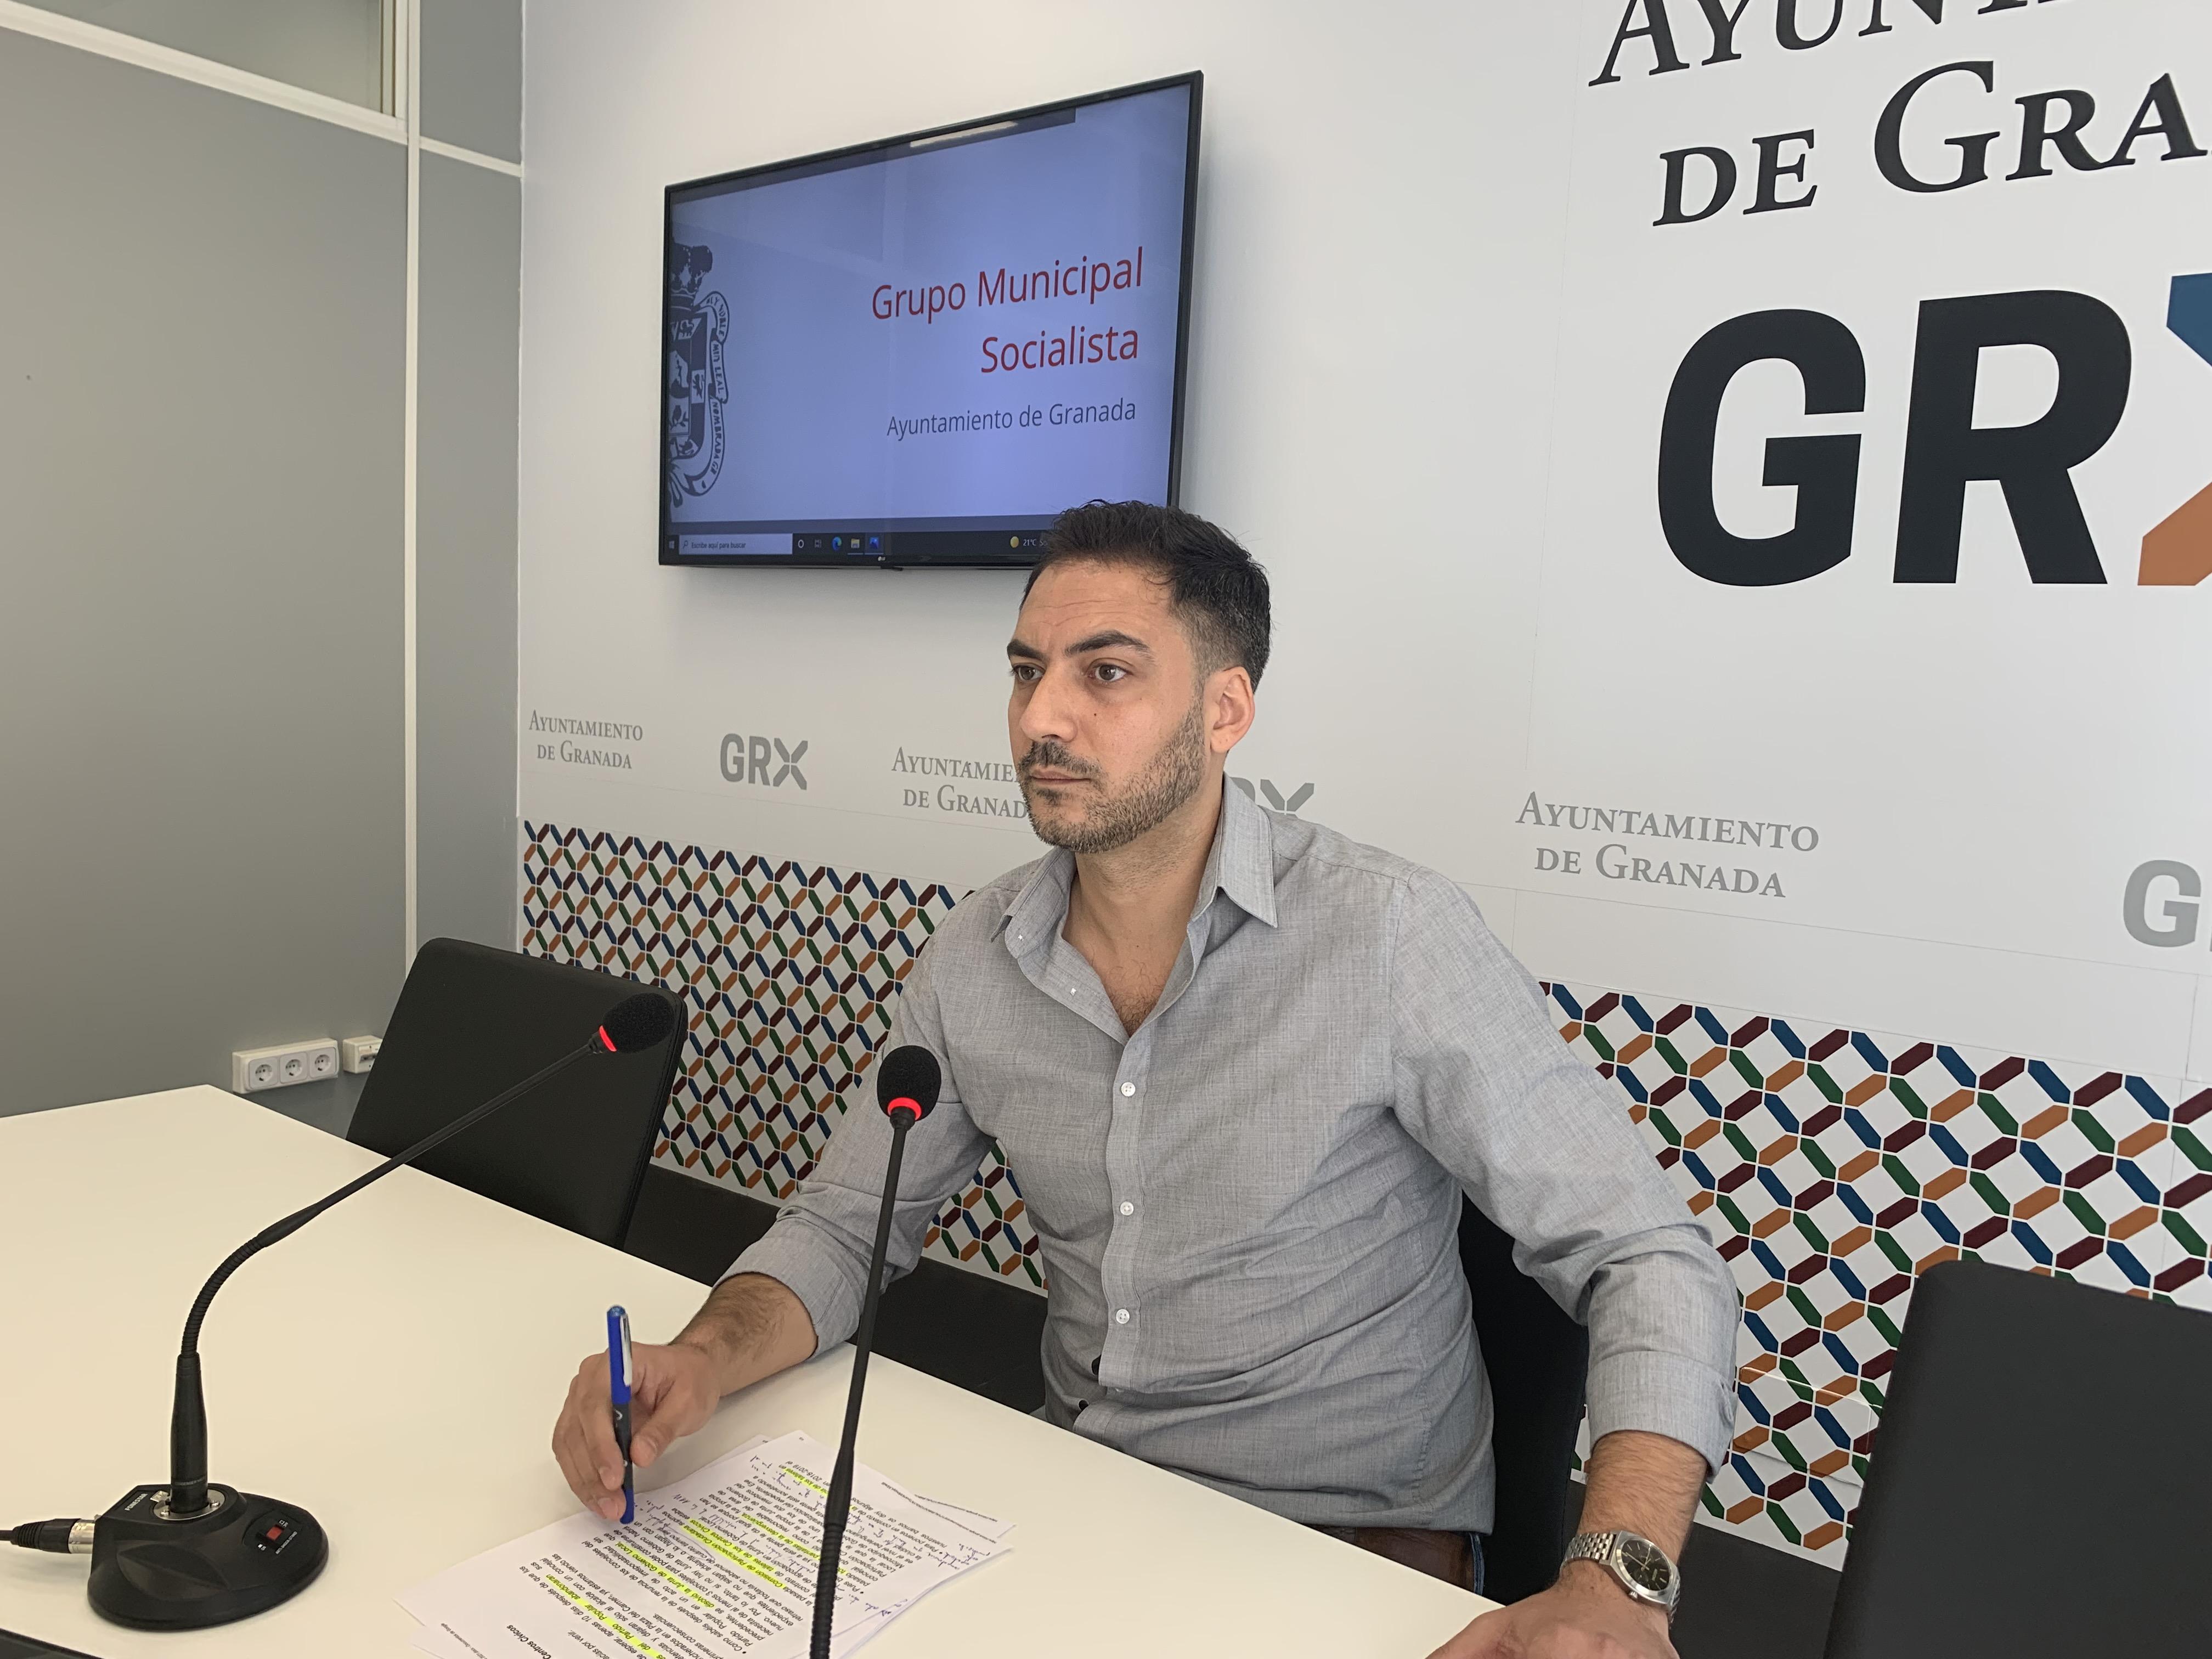 El PSOE se lamenta de la dejadez de los barrios provocada por el «desgobierno» del PP y Cs